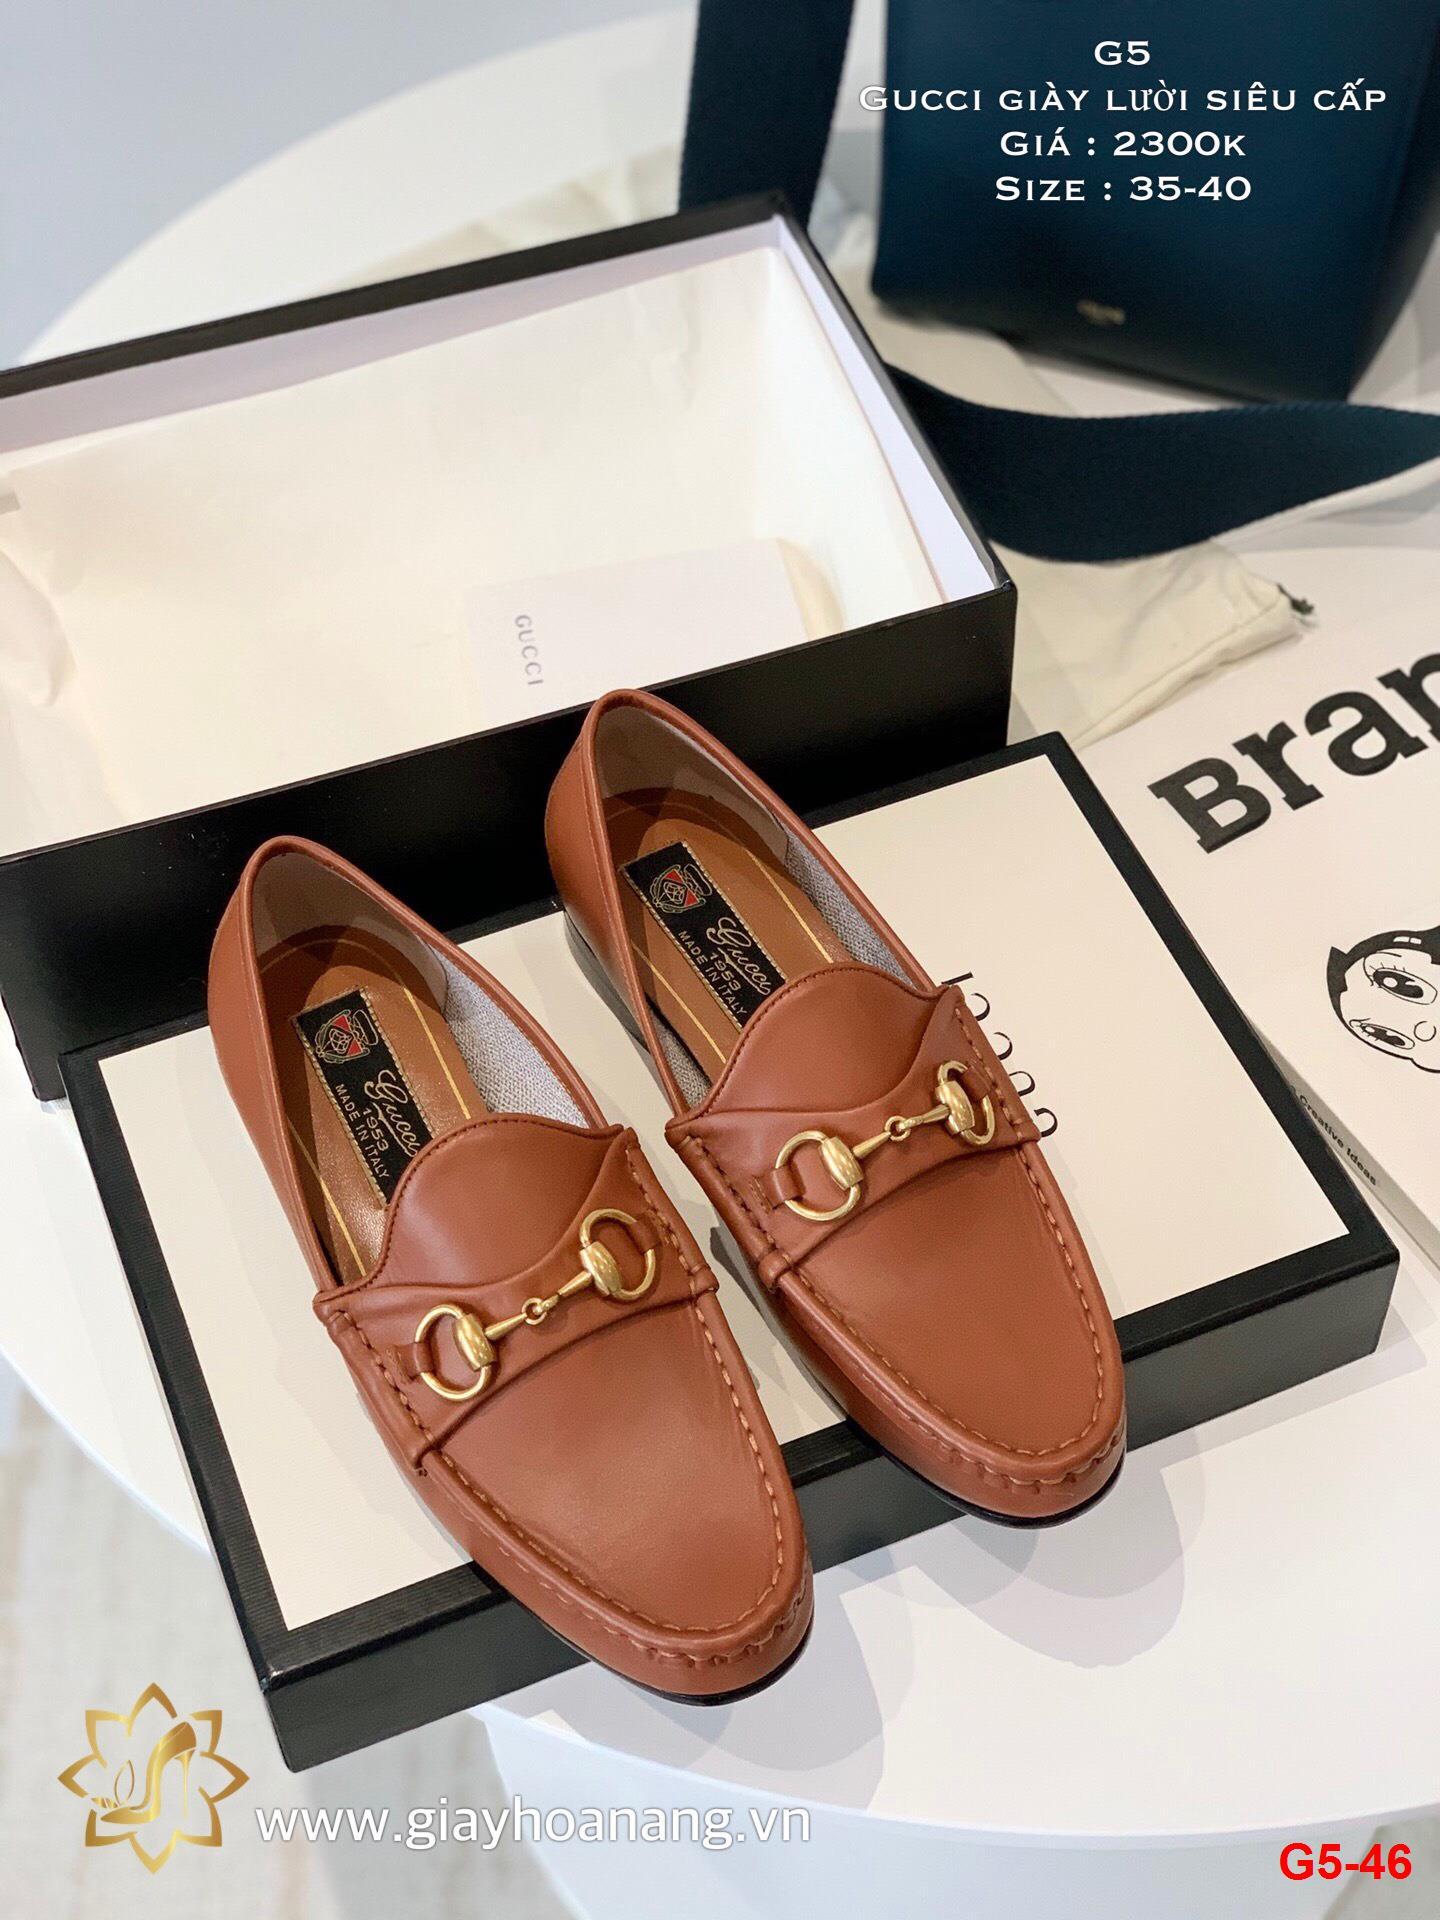 G5-46 Gucci giày lười siêu cấp